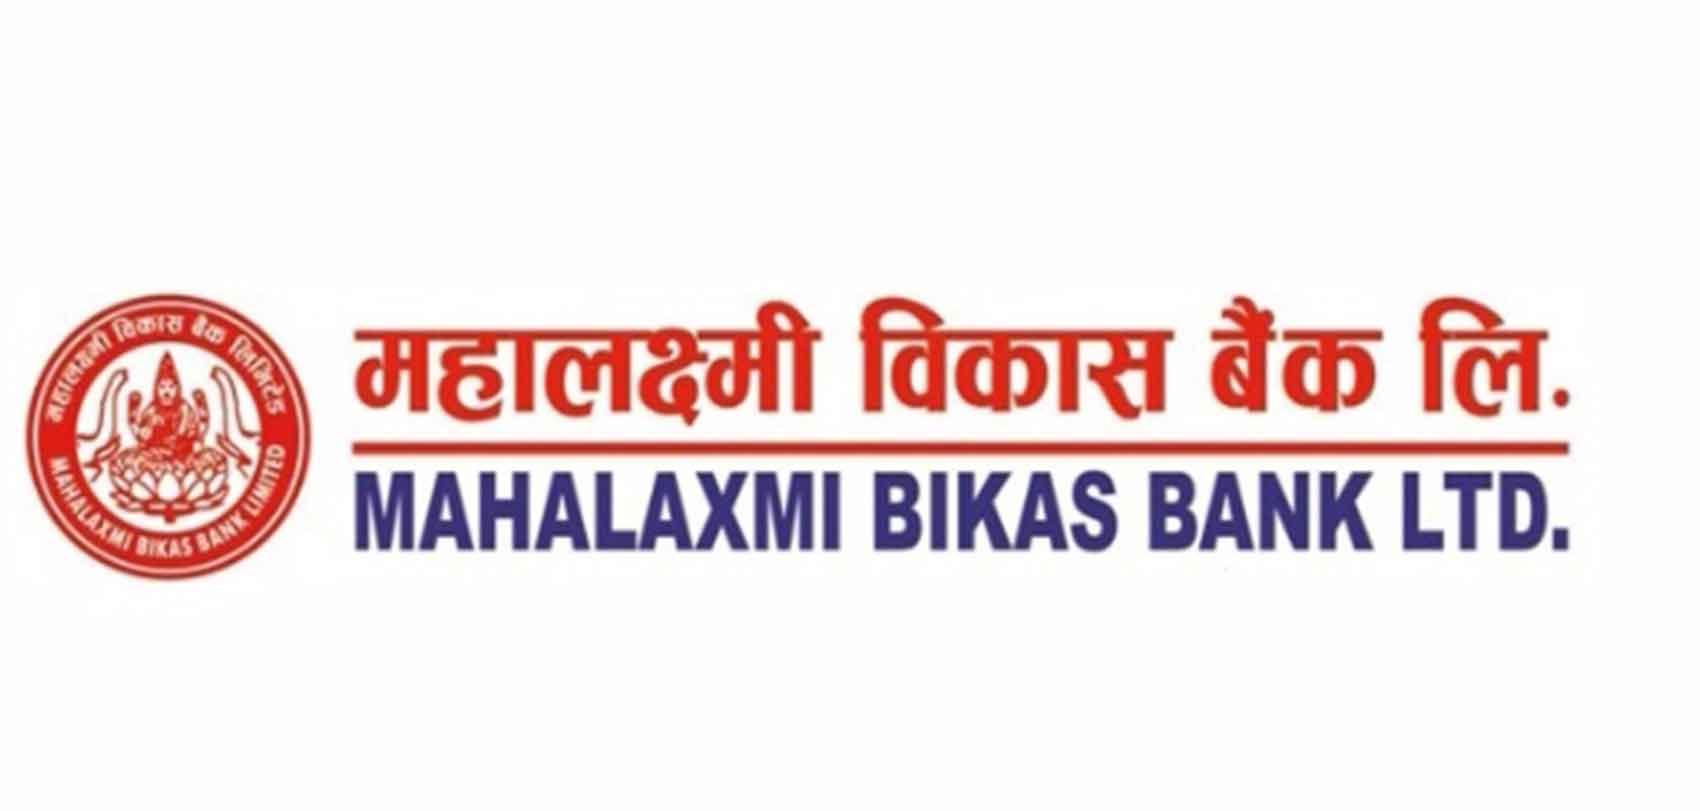 महालक्ष्मी विकास बैंकले संस्थापक शेयर बिक्री गर्दै